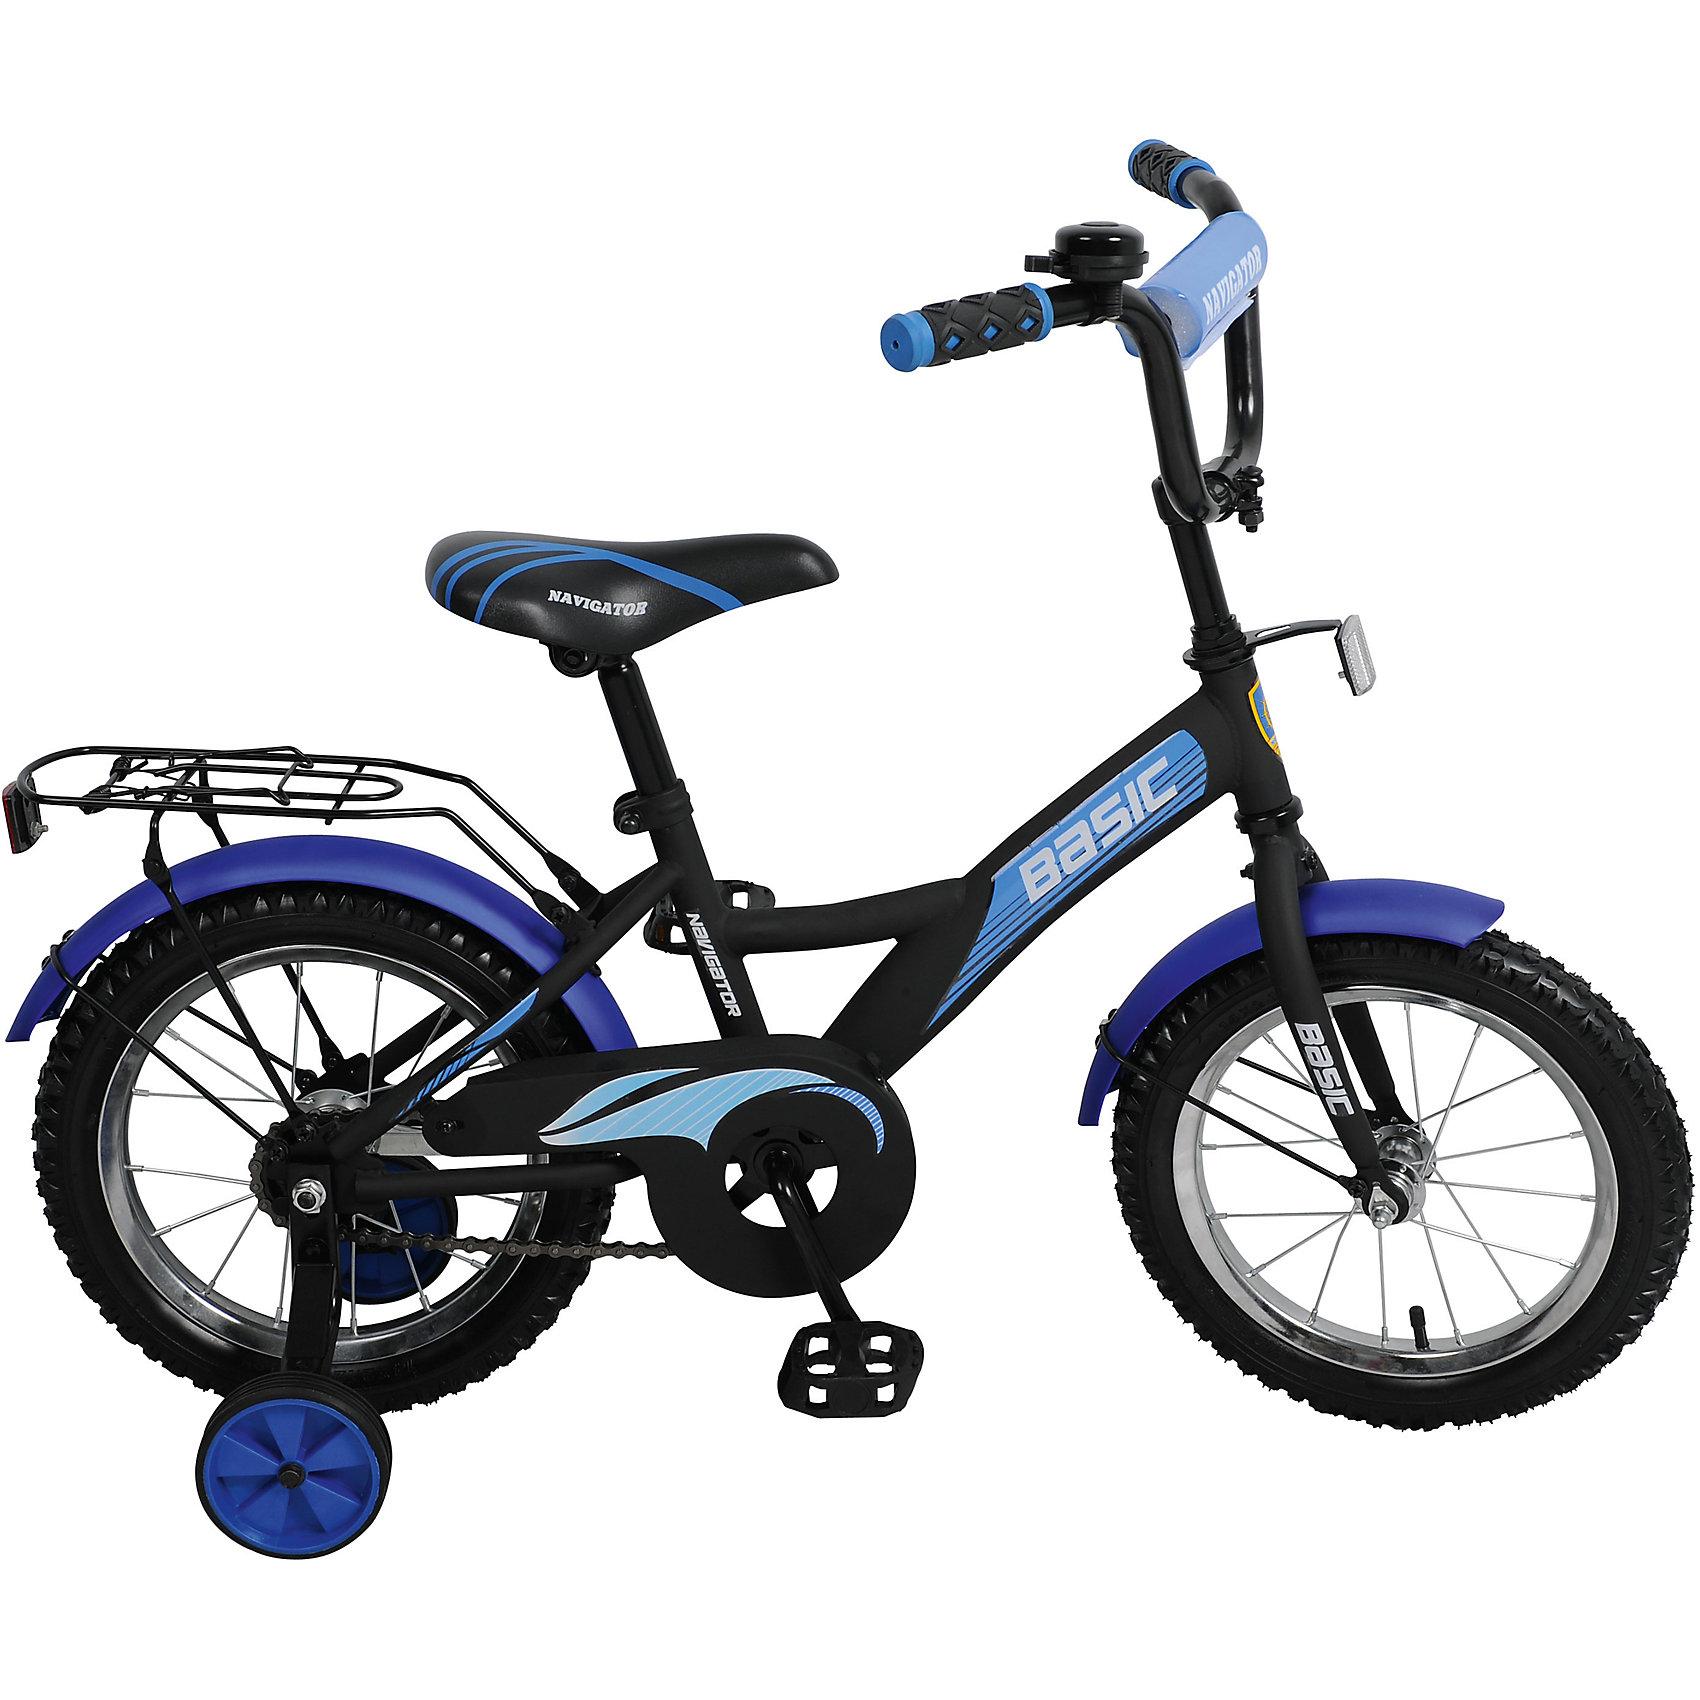 Двухколесный велосипед Basic 14, черно-синий, NavigatorВелосипеды детские<br>Характеристики товара:<br><br>• возраст: от 2.5 до 4 лет<br>• цвет: синий.<br>• комплект: багажник, защита цепи, мягкая защита руля, боковые колеса, звонок<br>• материал: металл<br>• размер велосипеда в собранном виде: 80х36х17 см<br>• вес: 9 кг<br>• колеса: резина.<br>• рост ребенка: 100-120 см<br>• размер колес: 14 дюймов<br>• рама: сталь<br>• страна бренда: Россия<br><br>Двухколесный велосипед Basic 14, черно-синий, Navigator оснащен дополнительными боковыми колесами, которые помогут ребенку почувствовать себя увереннее в период обучения езде, а после их можно будет снять. <br><br>Такой велосипед идеально подойдет для тех детей, которые впервые пробуют кататься именно на двухколесном транспортном средстве. <br><br>Высота руля и сиденья регулируется - это позволяет сделать его максимально удобным для индивидуального использования.<br><br>Двухколесный велосипед Basic 14, черно-синий, Navigator можно купить в нашем интернет-магазине.<br><br>Ширина мм: 140<br>Глубина мм: 205<br>Высота мм: 35<br>Вес г: 326<br>Возраст от месяцев: 36<br>Возраст до месяцев: 2147483647<br>Пол: Унисекс<br>Возраст: Детский<br>SKU: 5595088